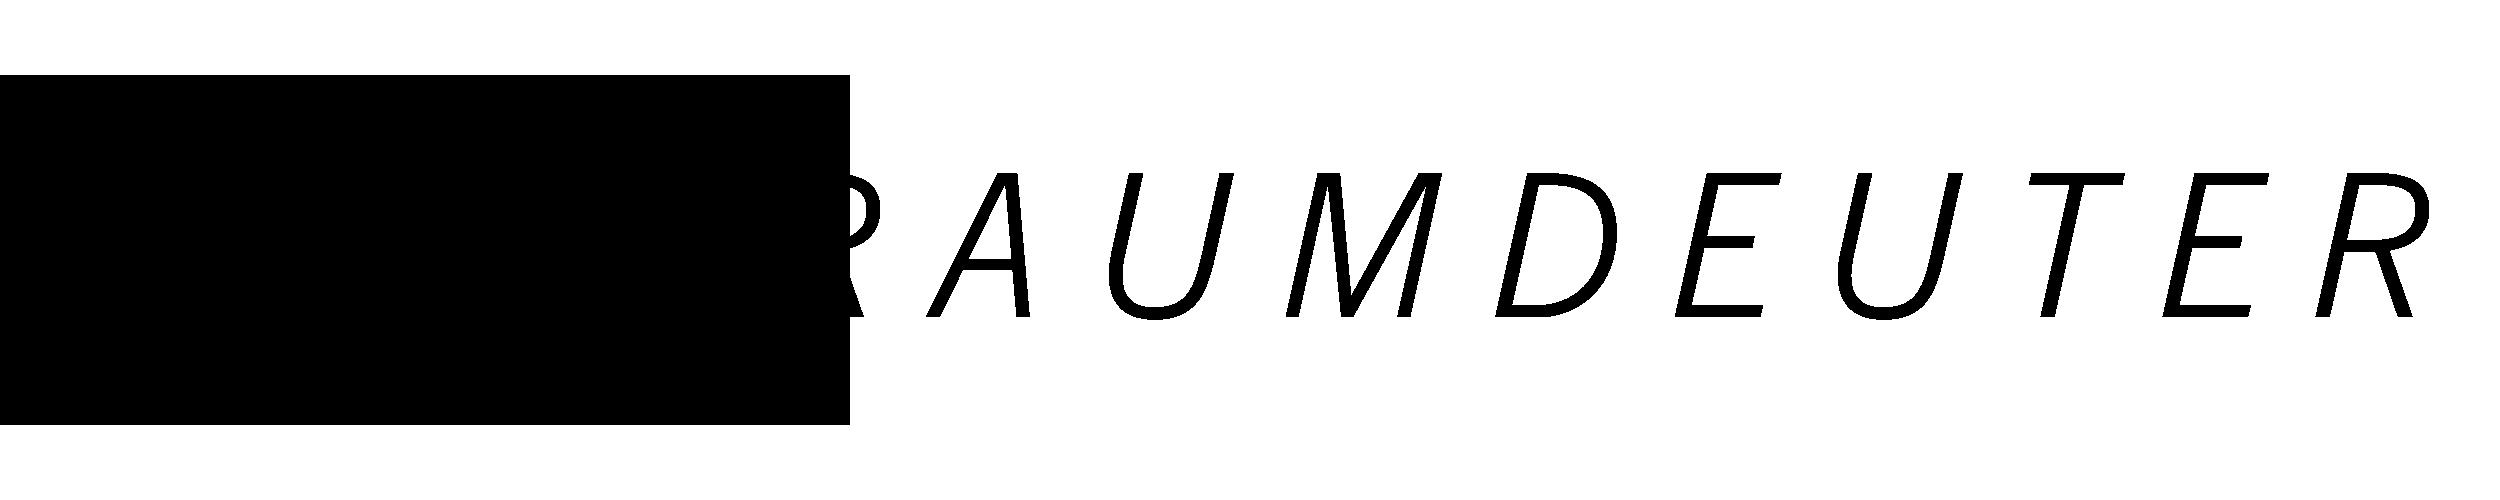 Raumdeuter